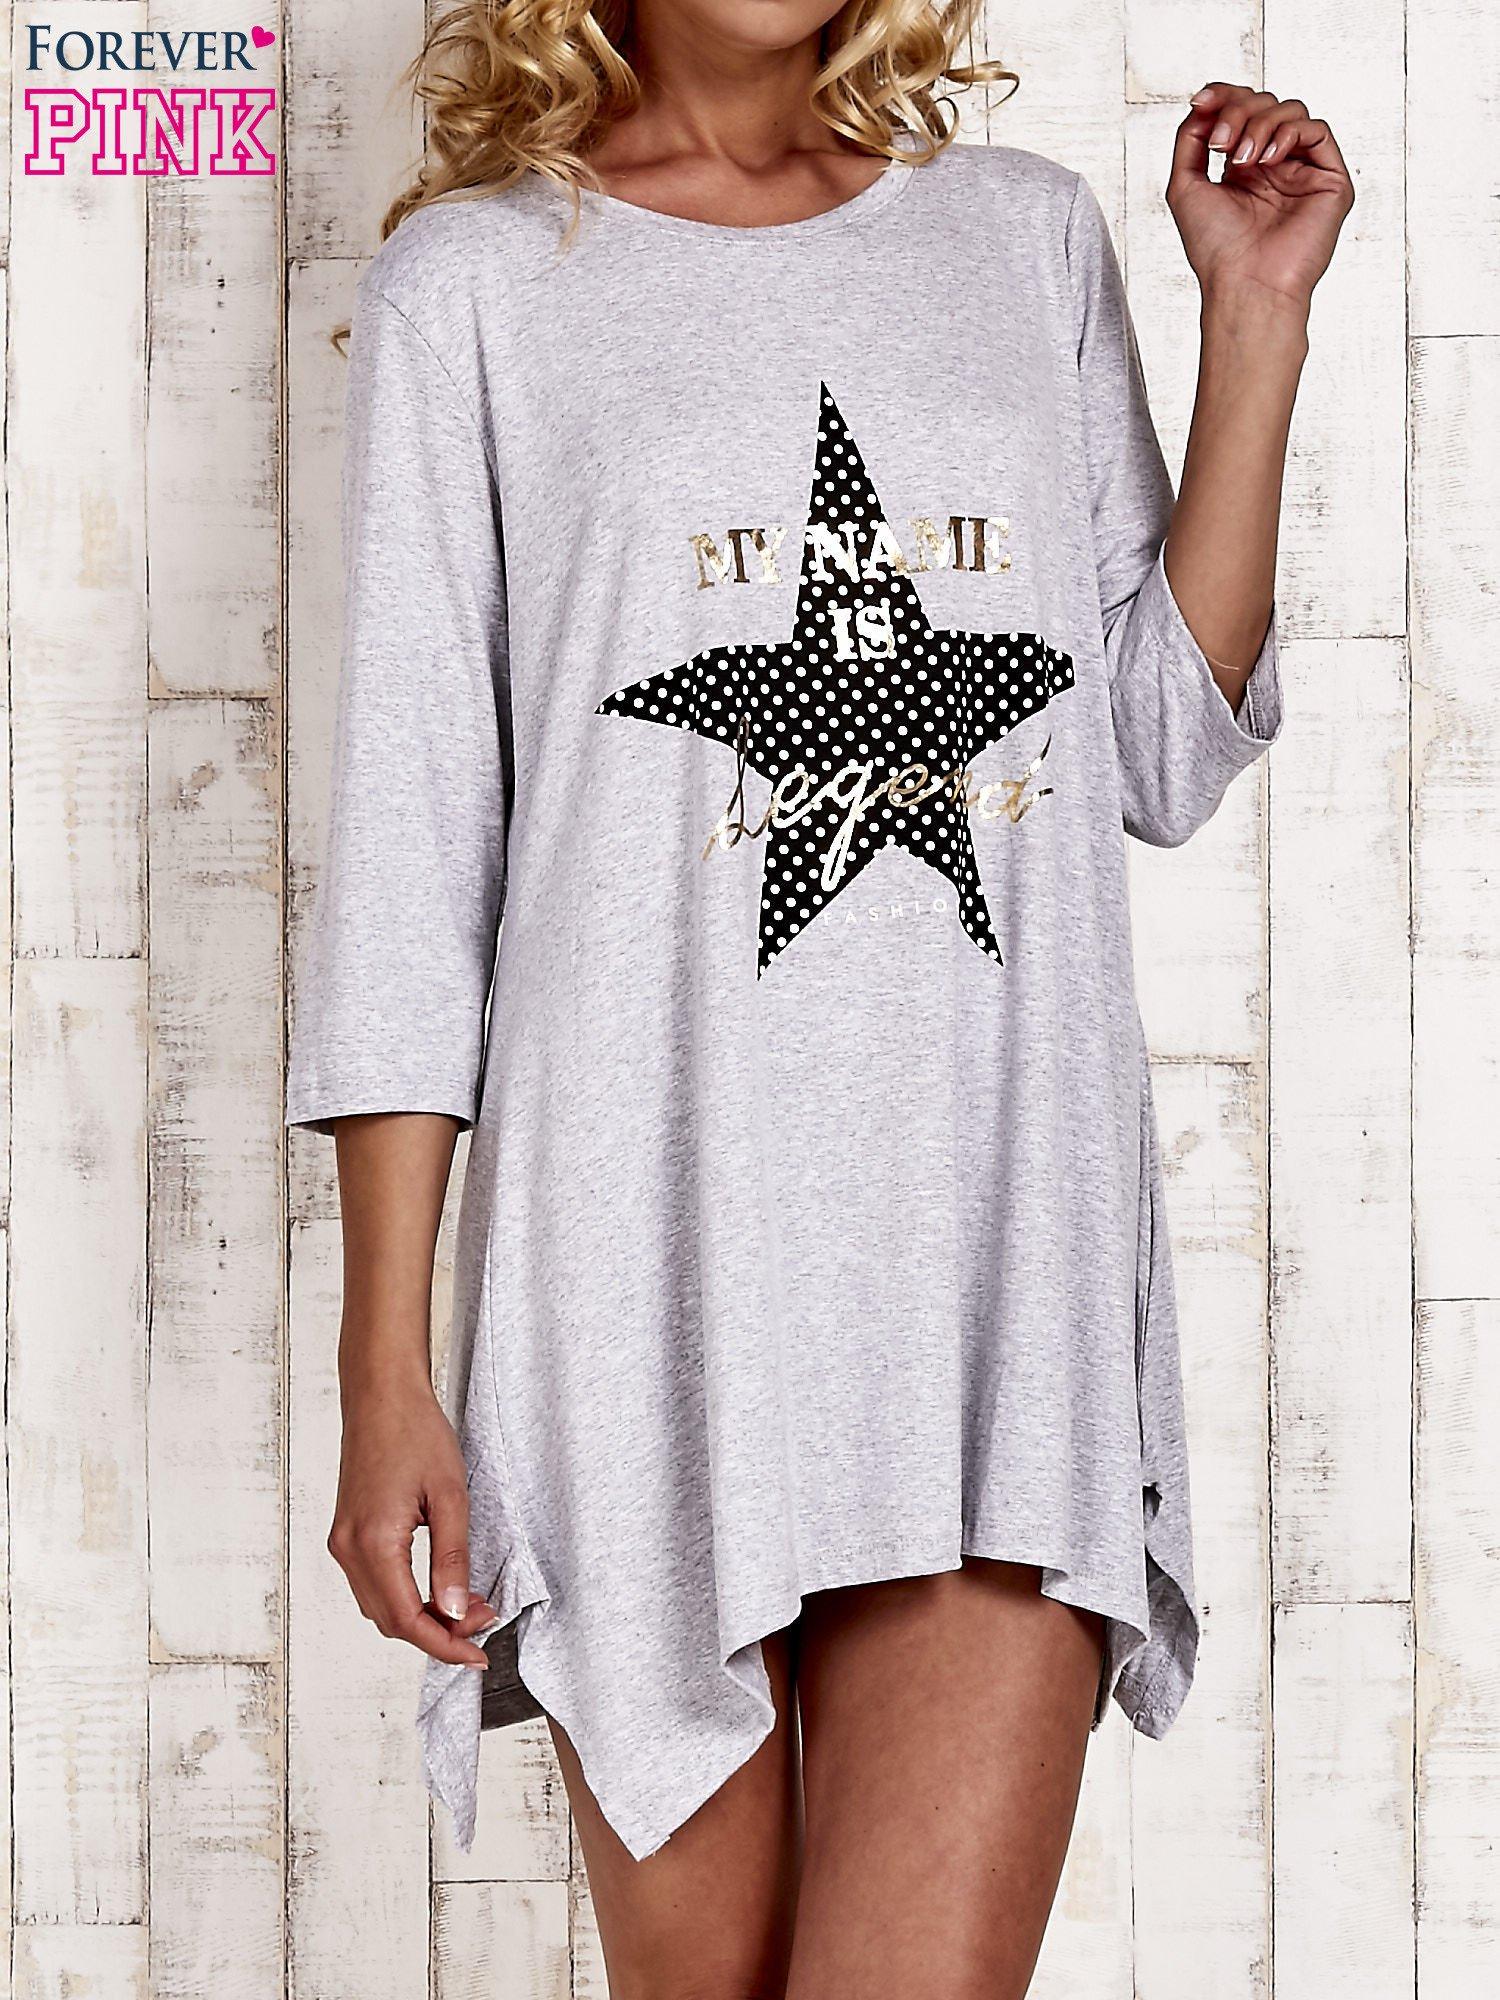 Szara tunika dresowa z printem gwiazdy                                  zdj.                                  1